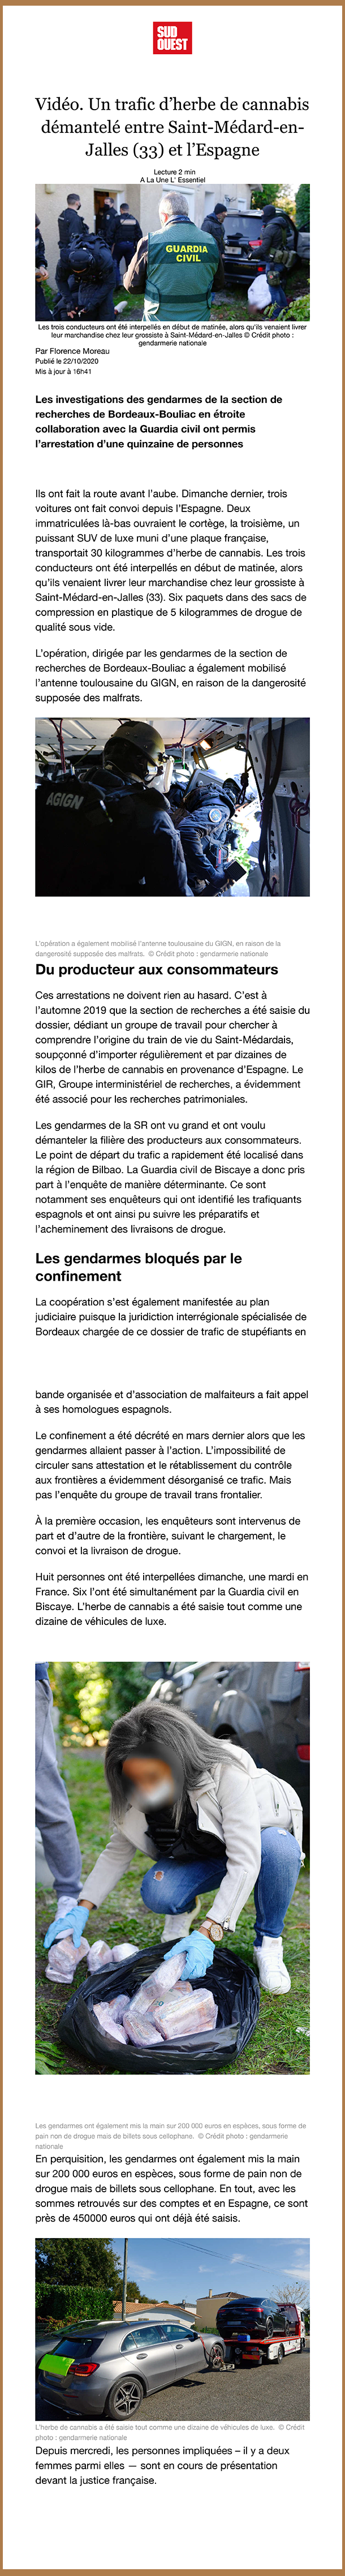 Trafic de stupéfiants démantelés à Saint-Médard-en-Jalles